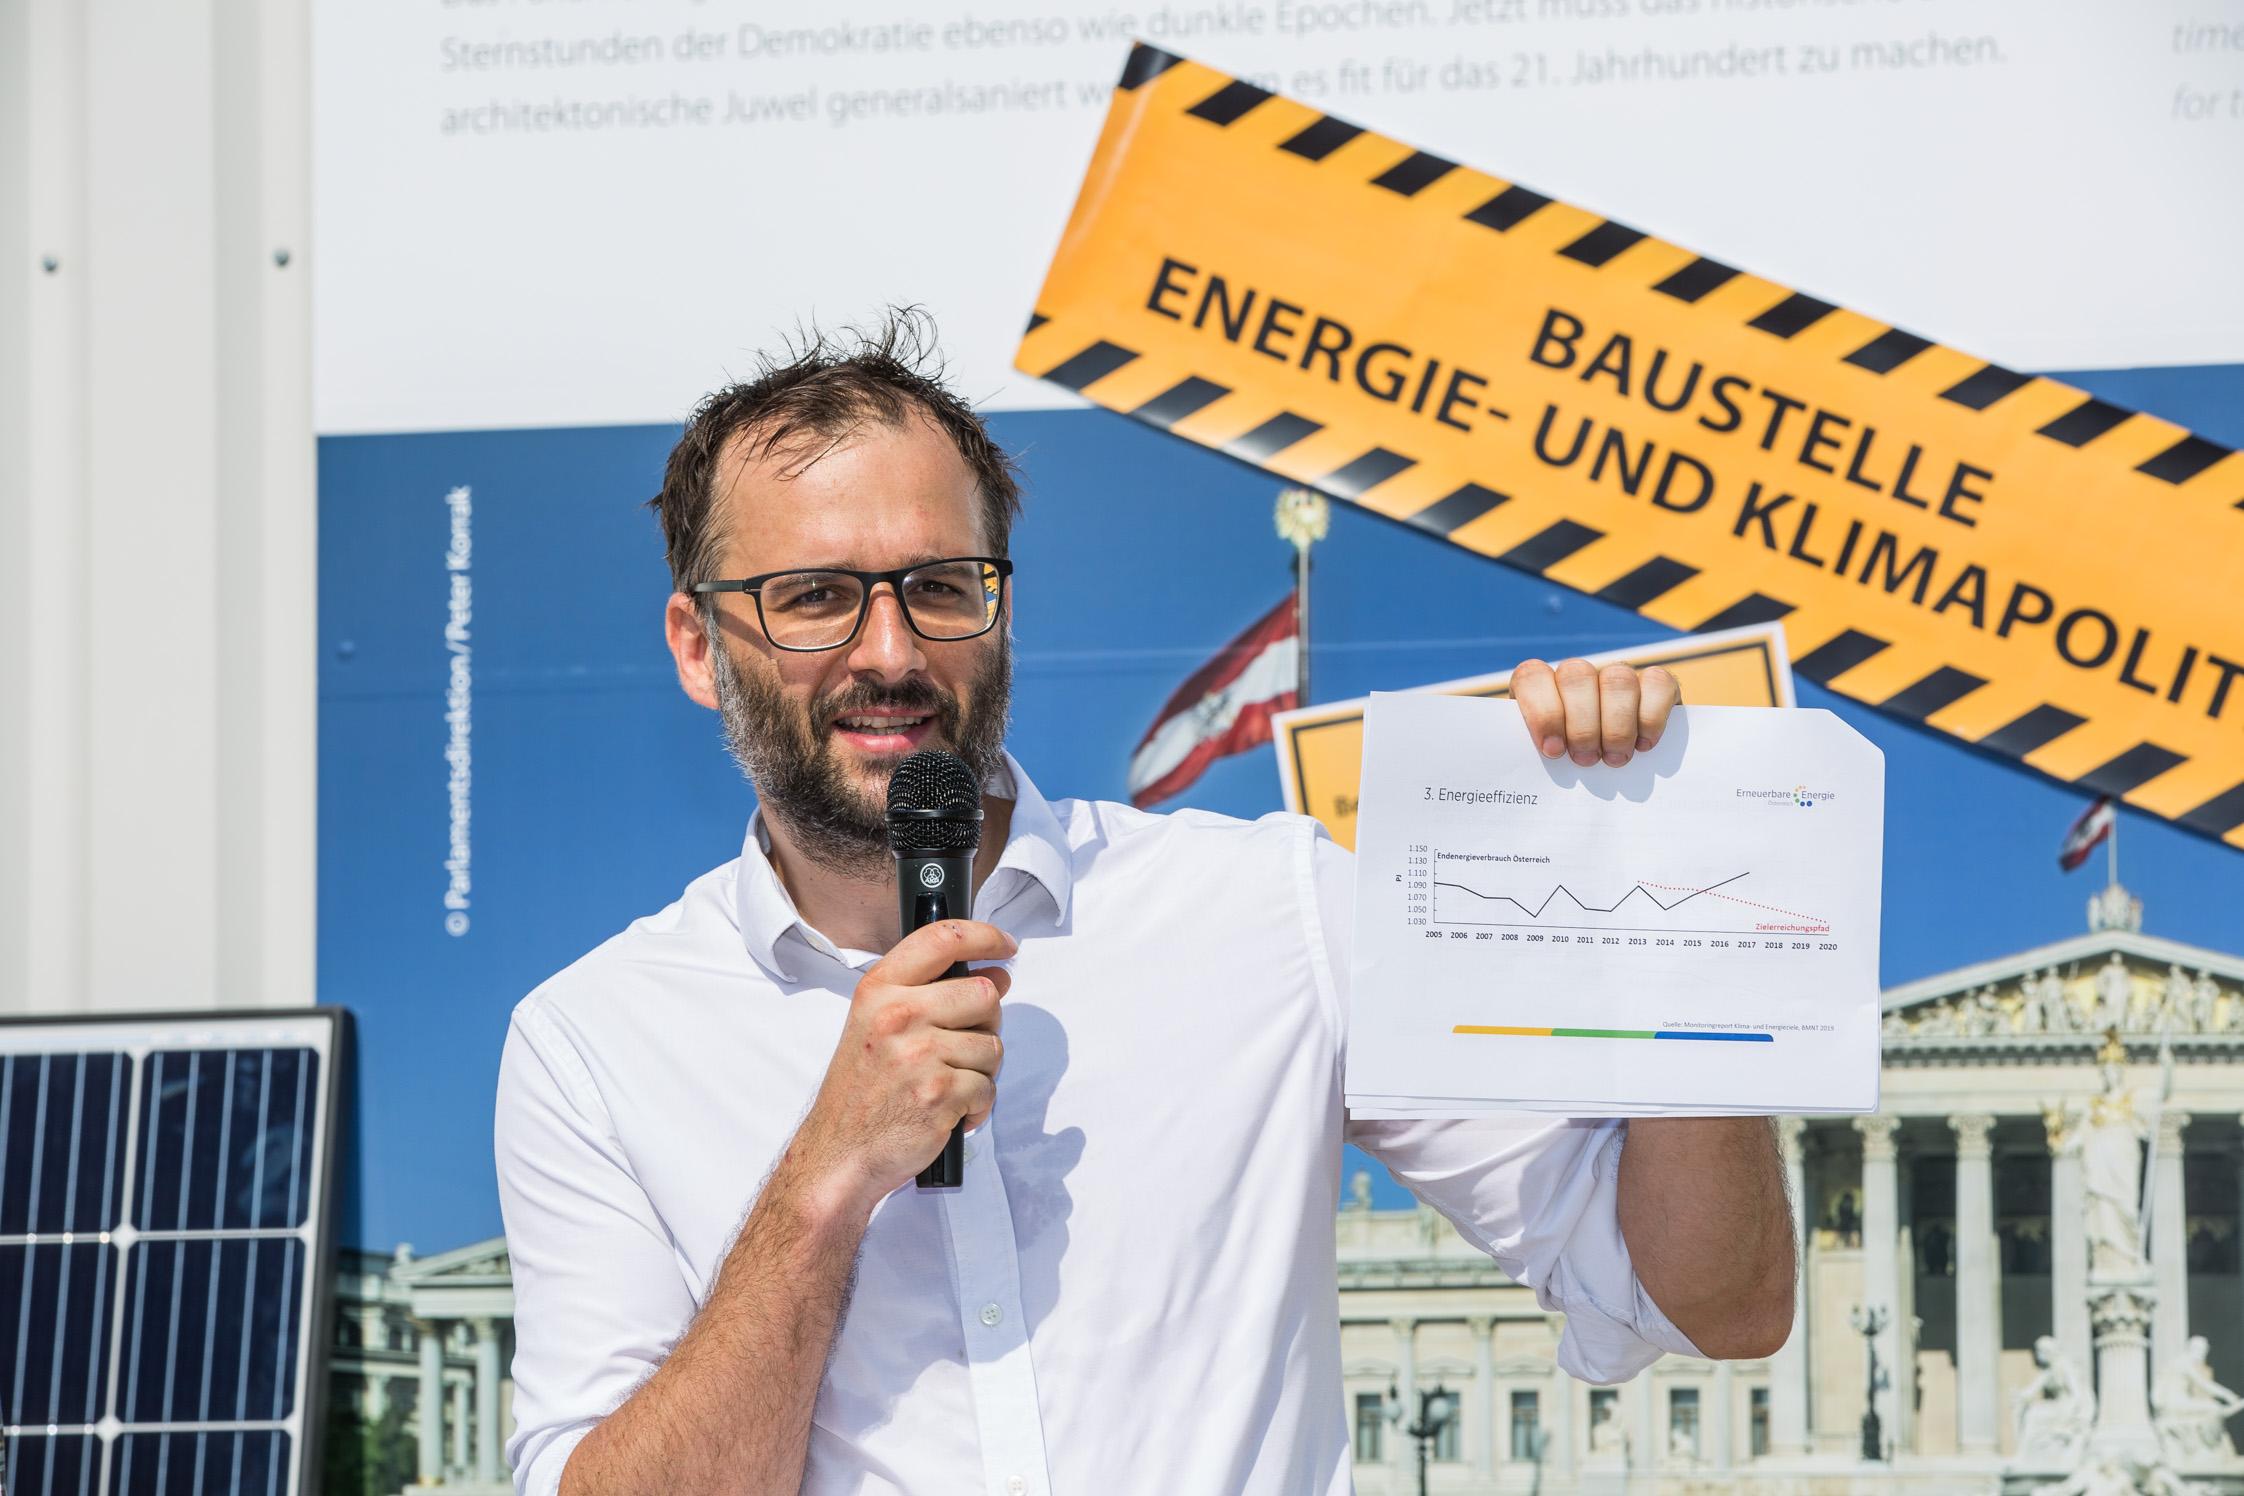 PK_Klimapolitik_042.jpg